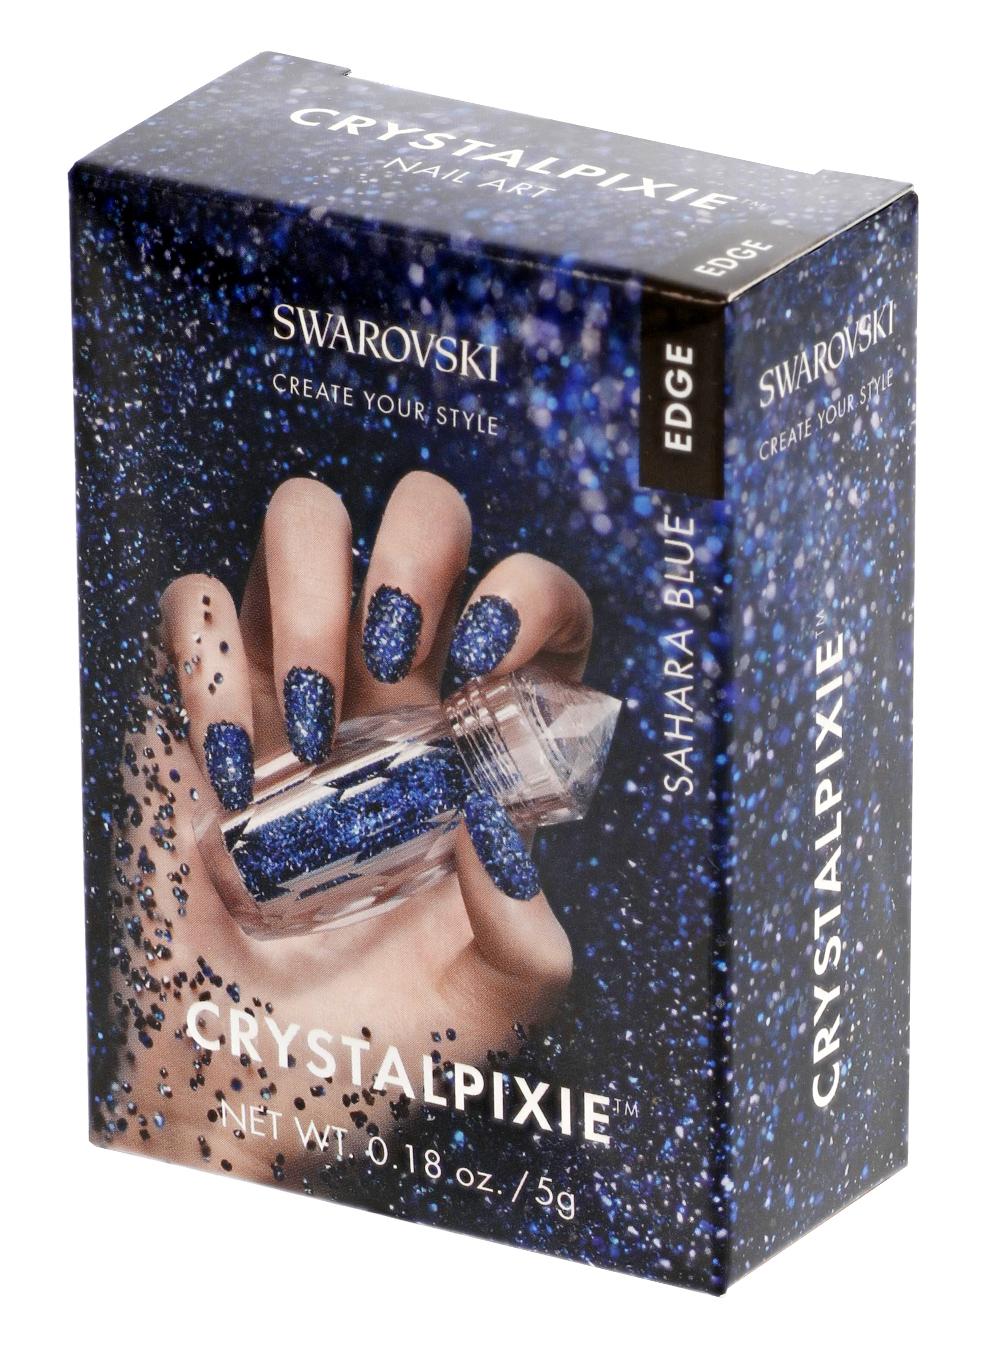 crystal-pixie-edge-diy-nageldesign-mit-swarovski-kristallen-nail-box-pixie-sahara-blue-1-stuc